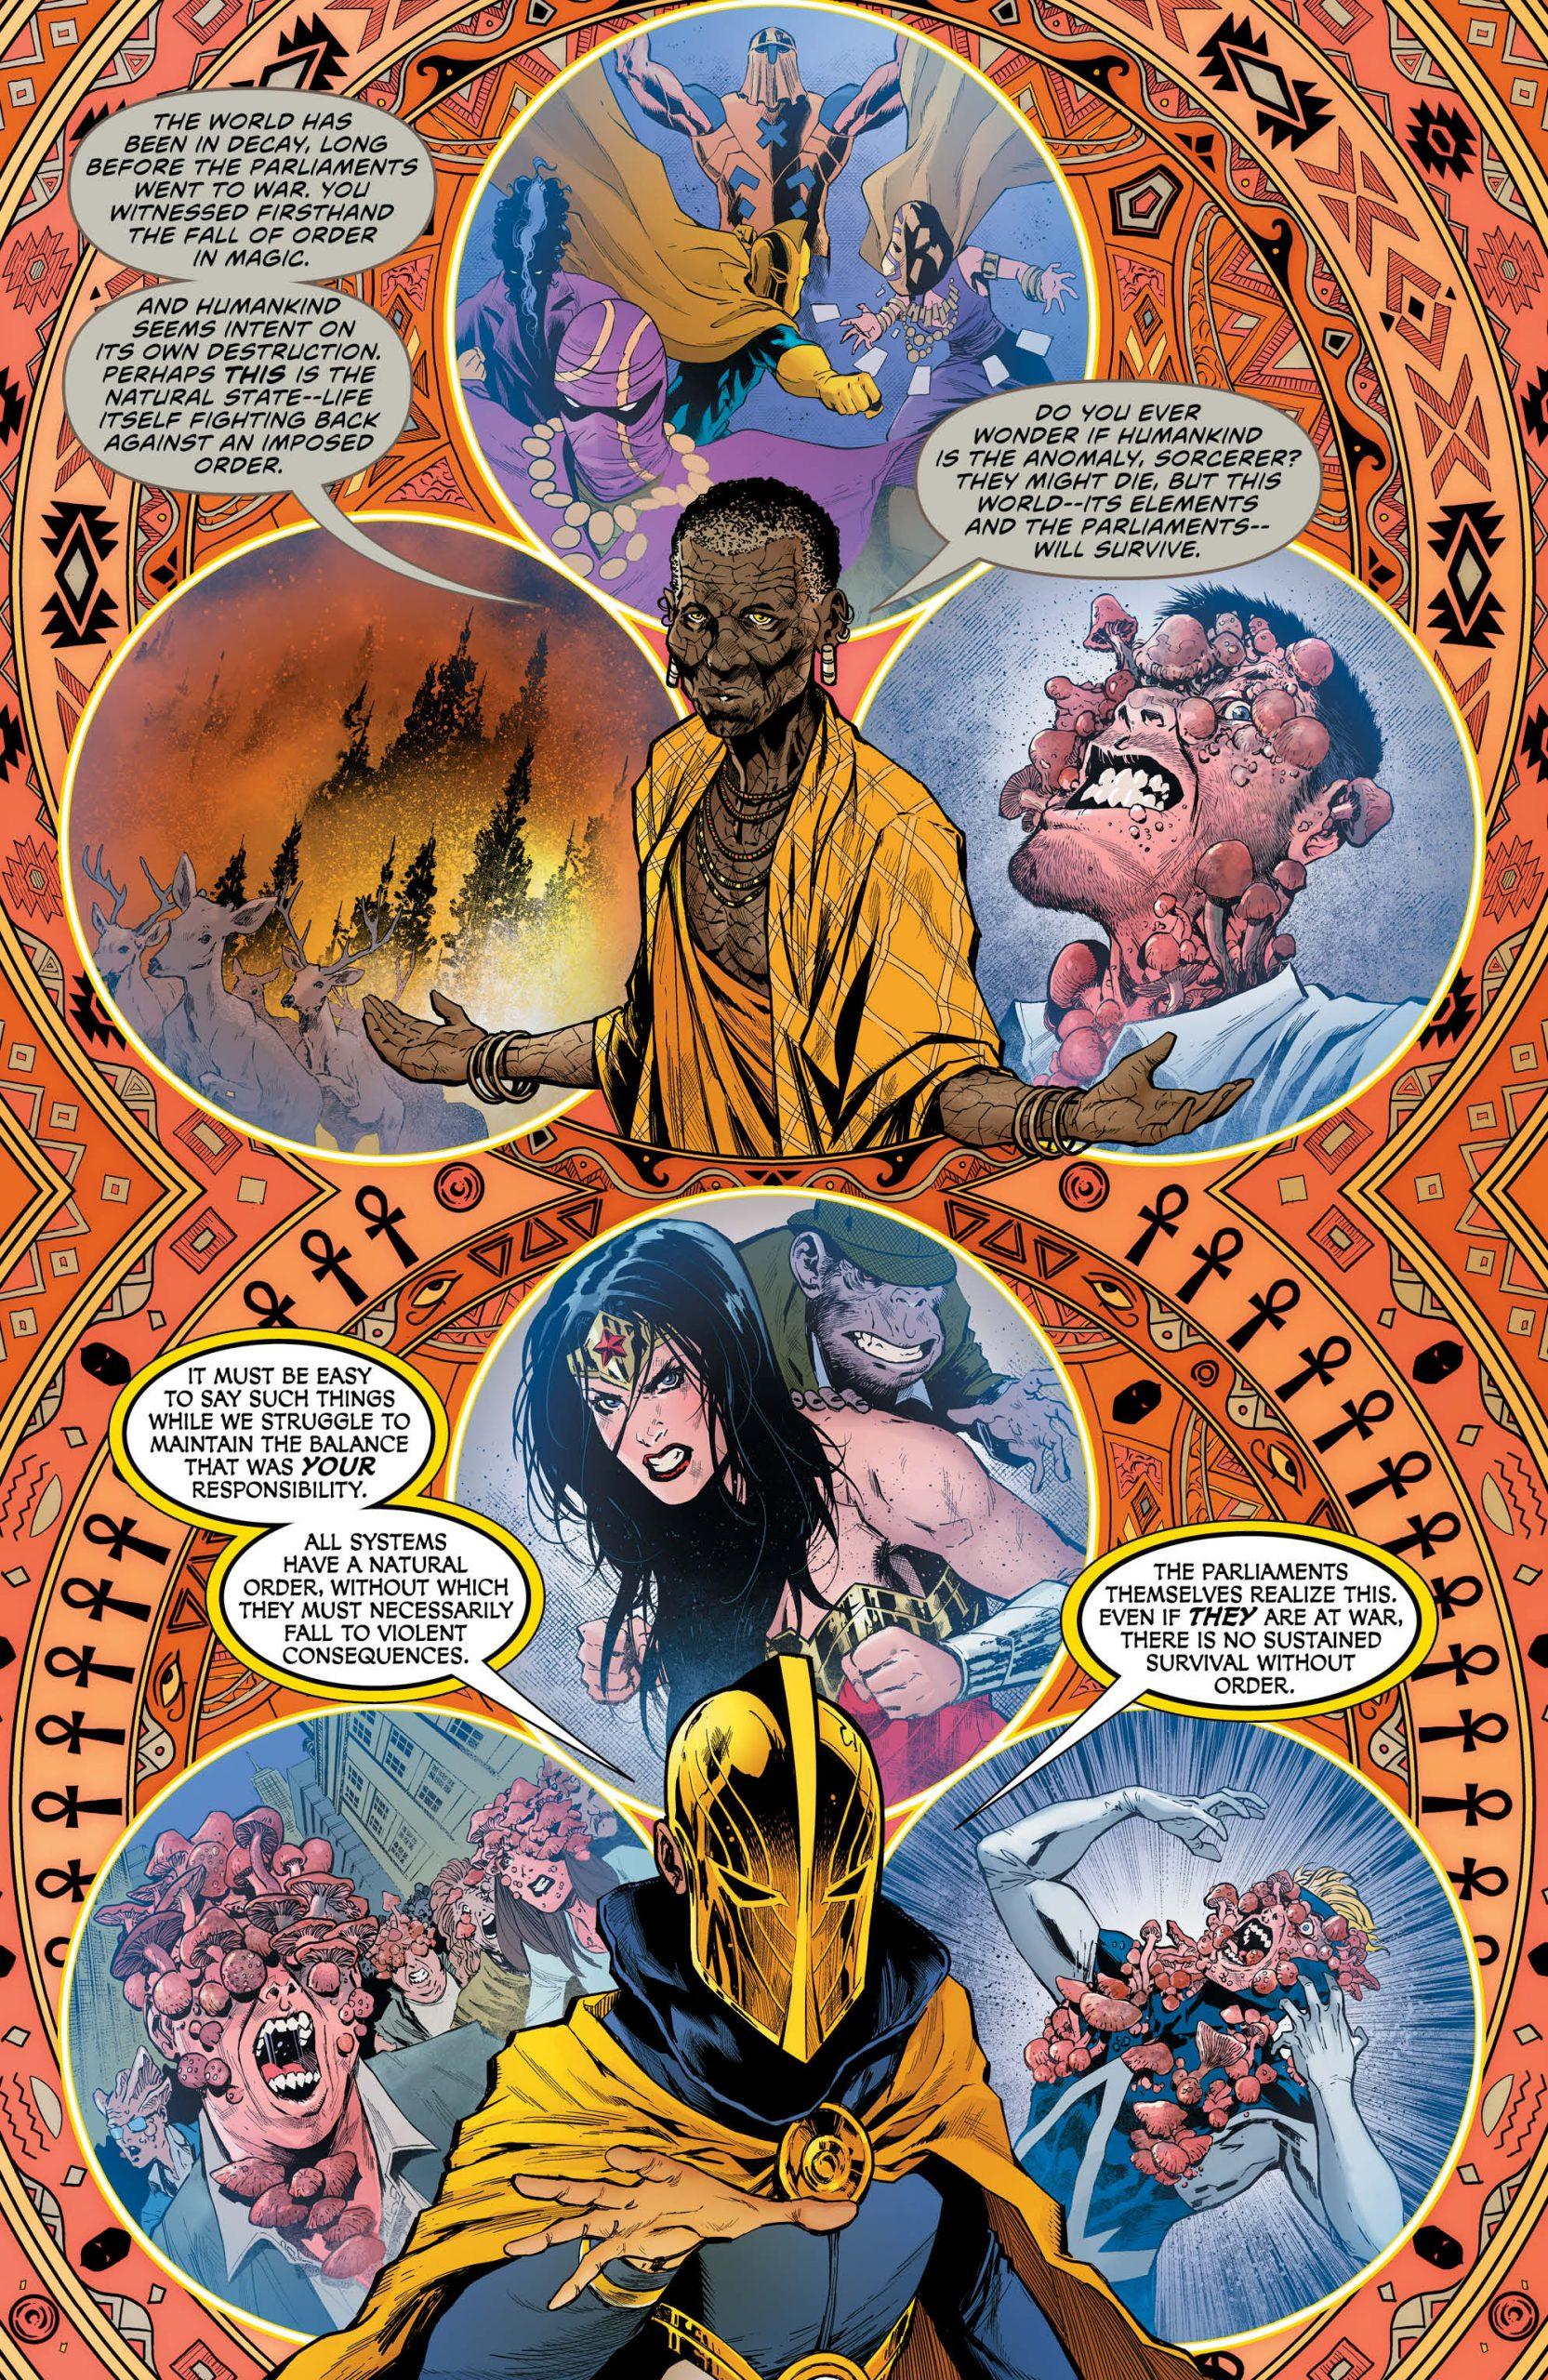 Justice League Dark #22 Pg. 4